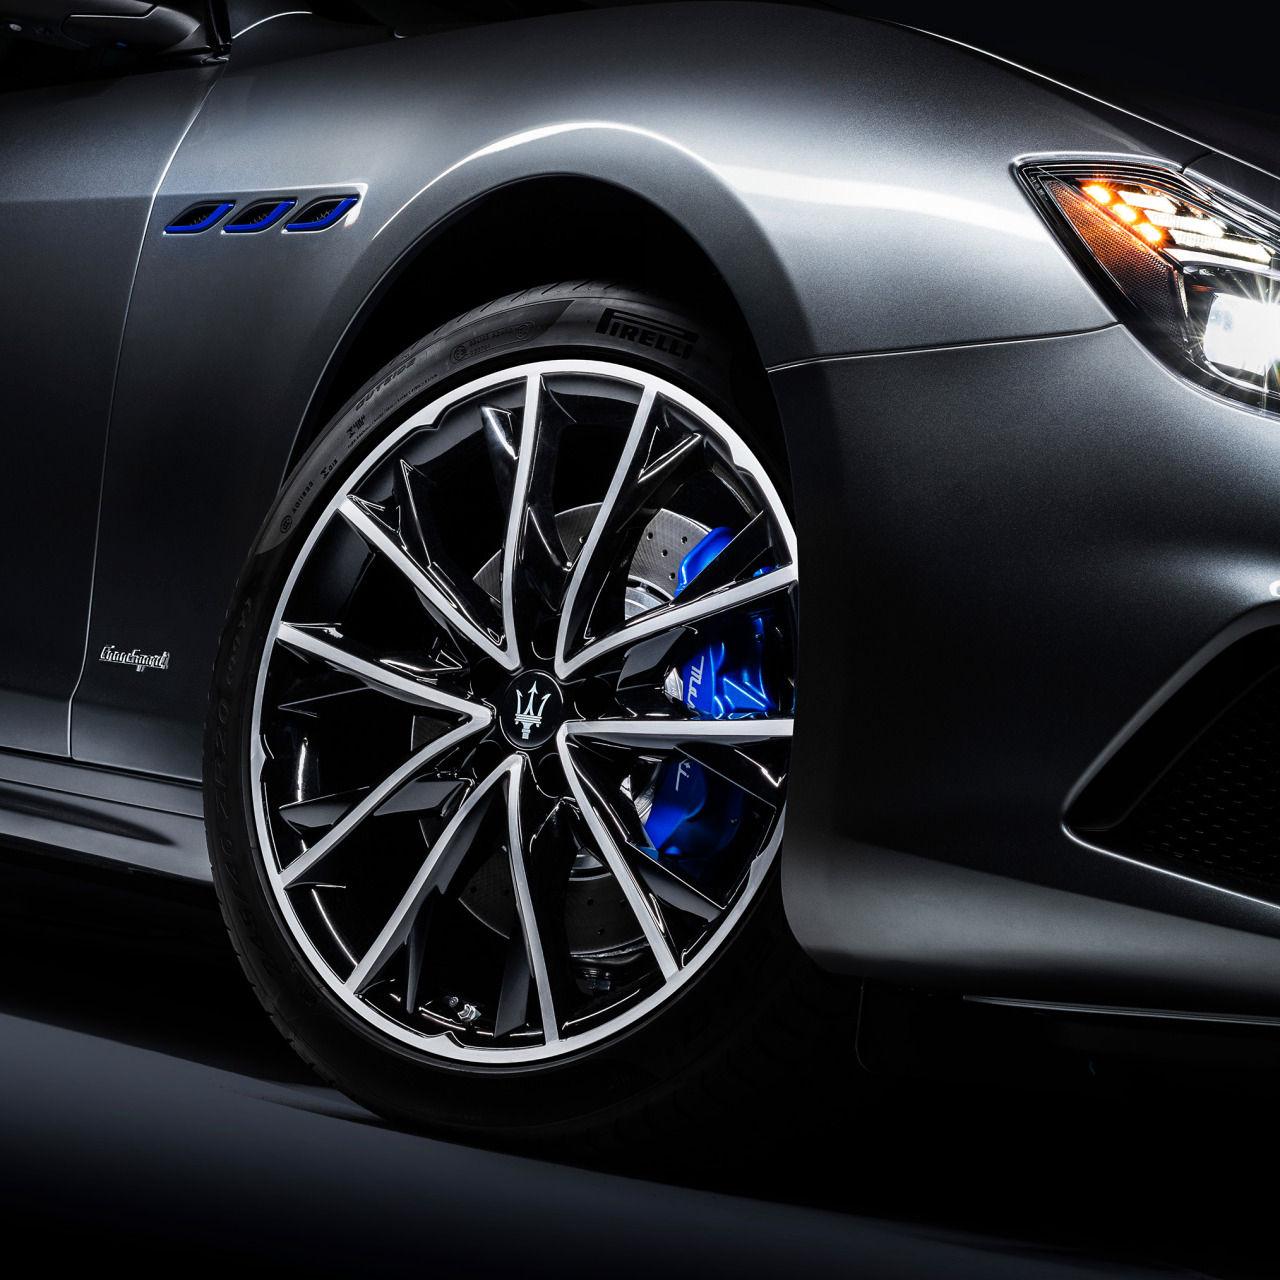 Maserati Ghibli - Felgen und Bremsscheibe - Grau